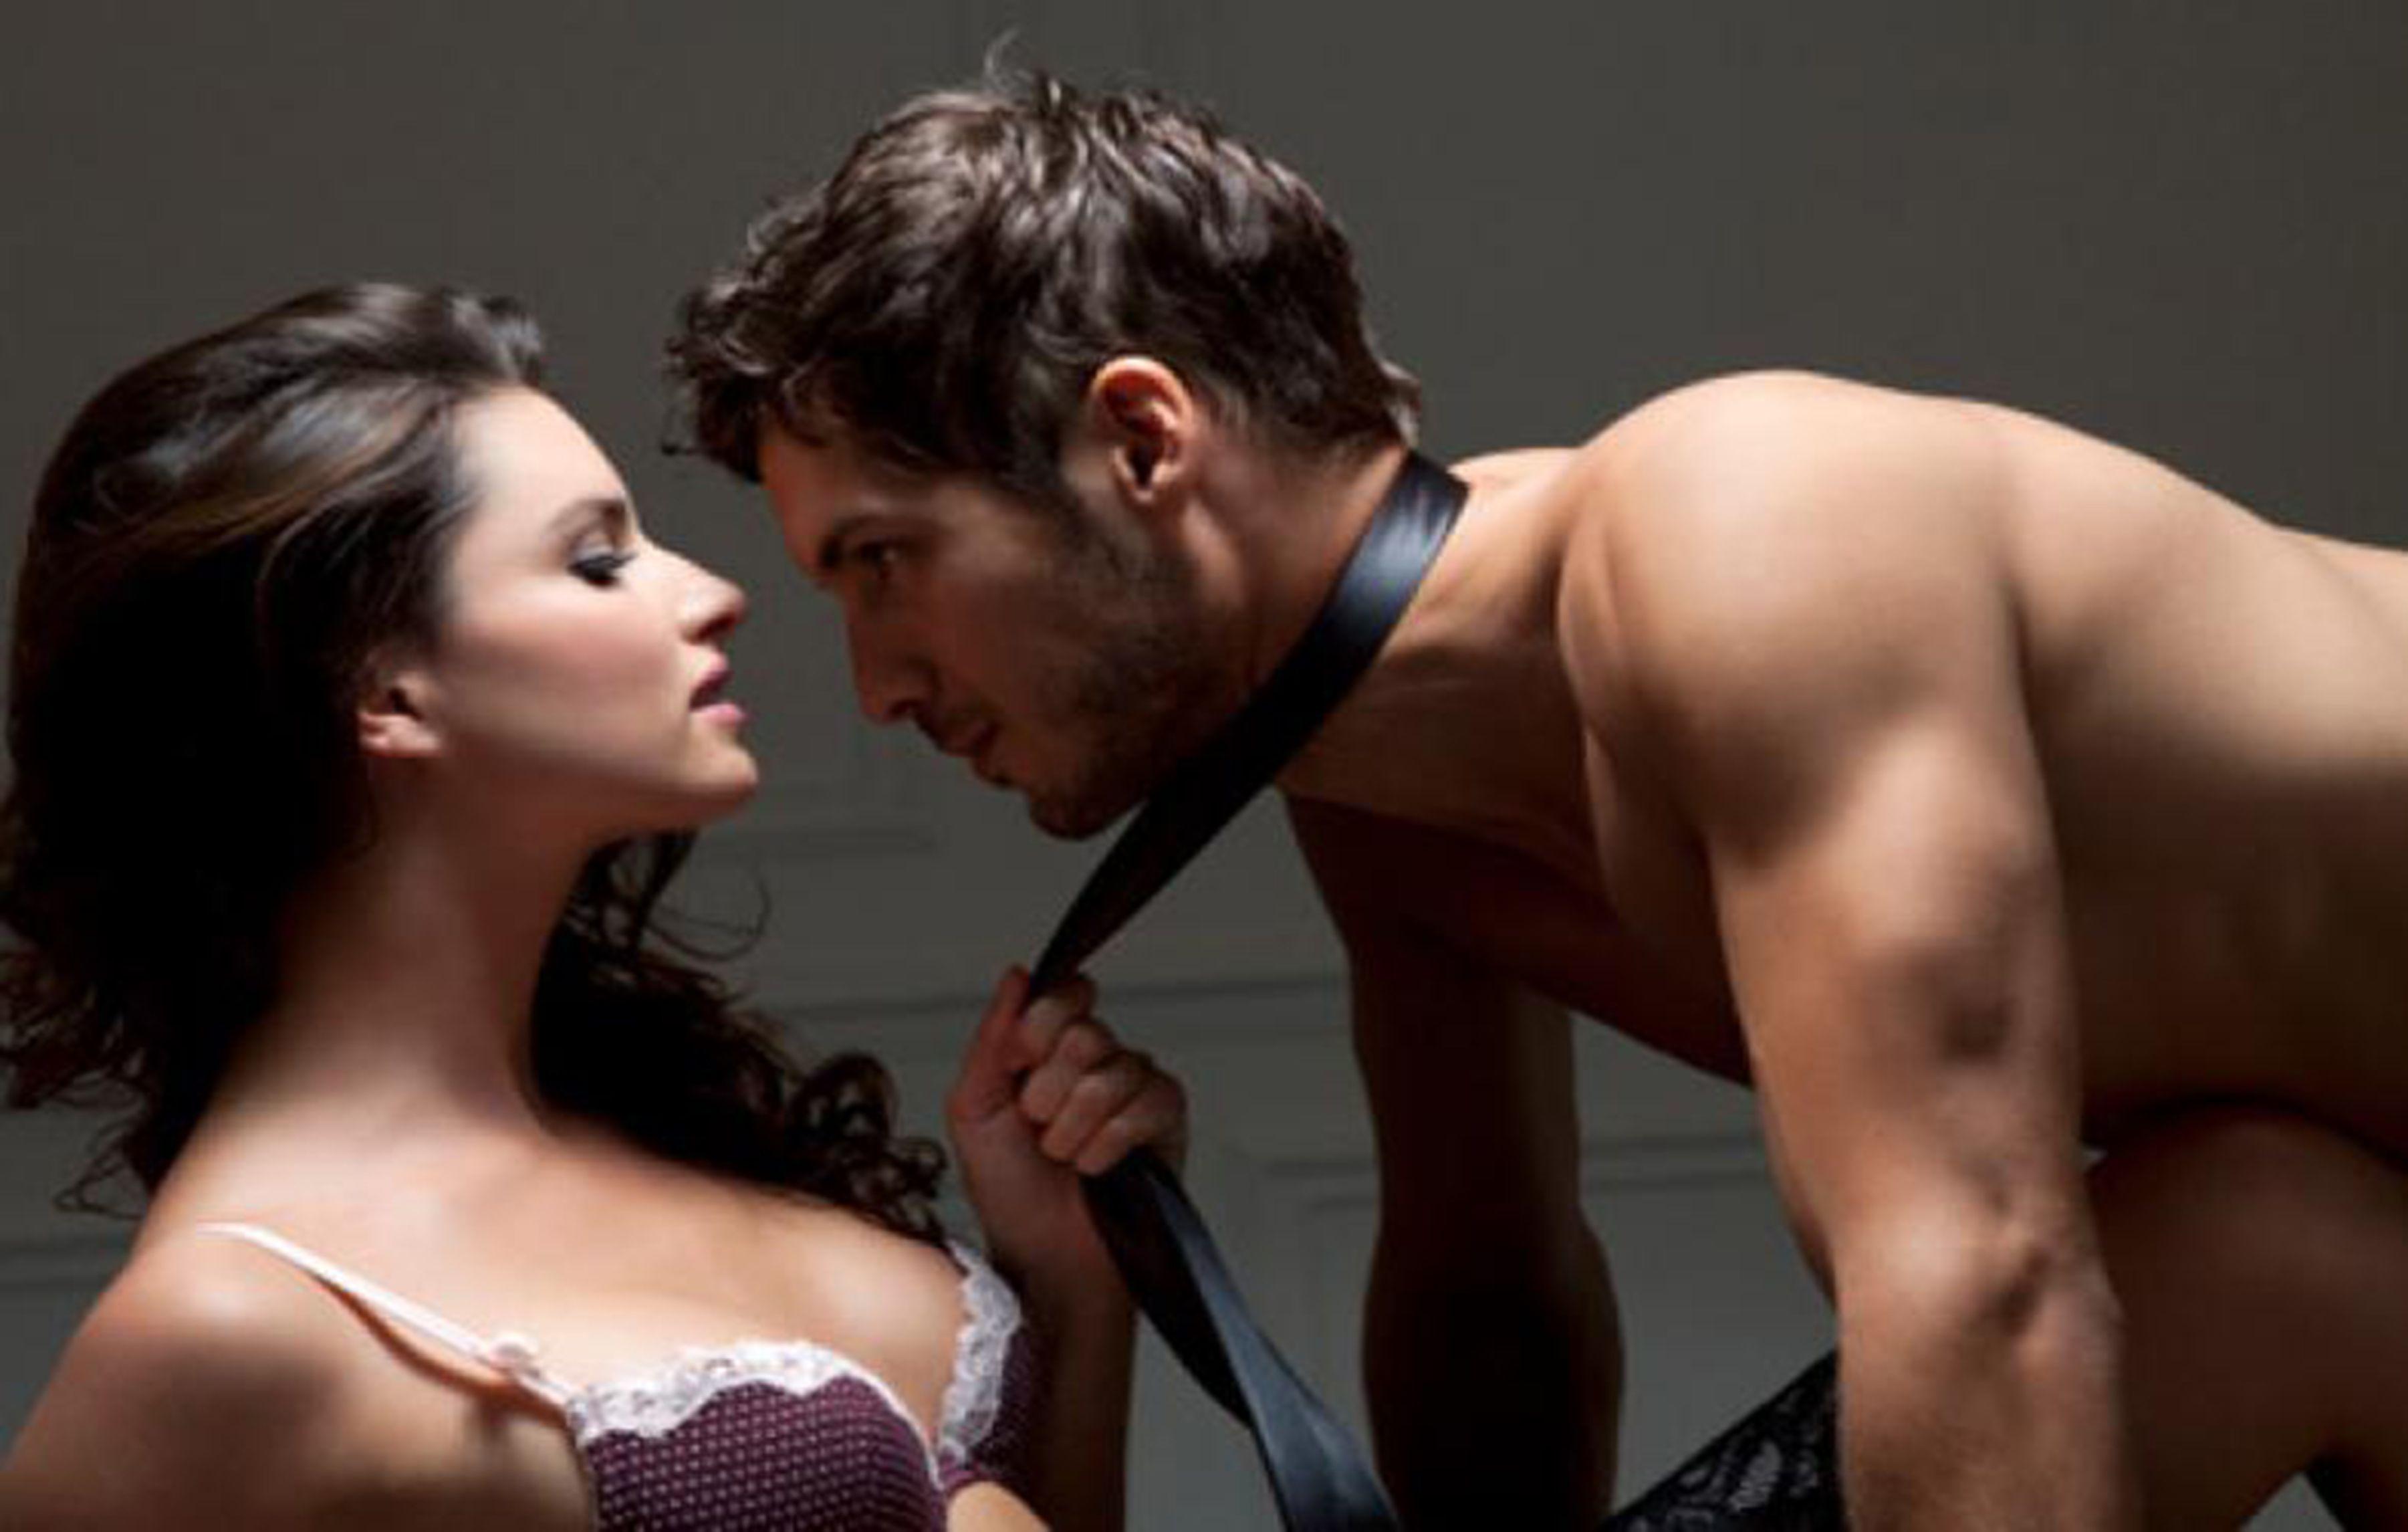 Fantasias sexuale de parejas fotos